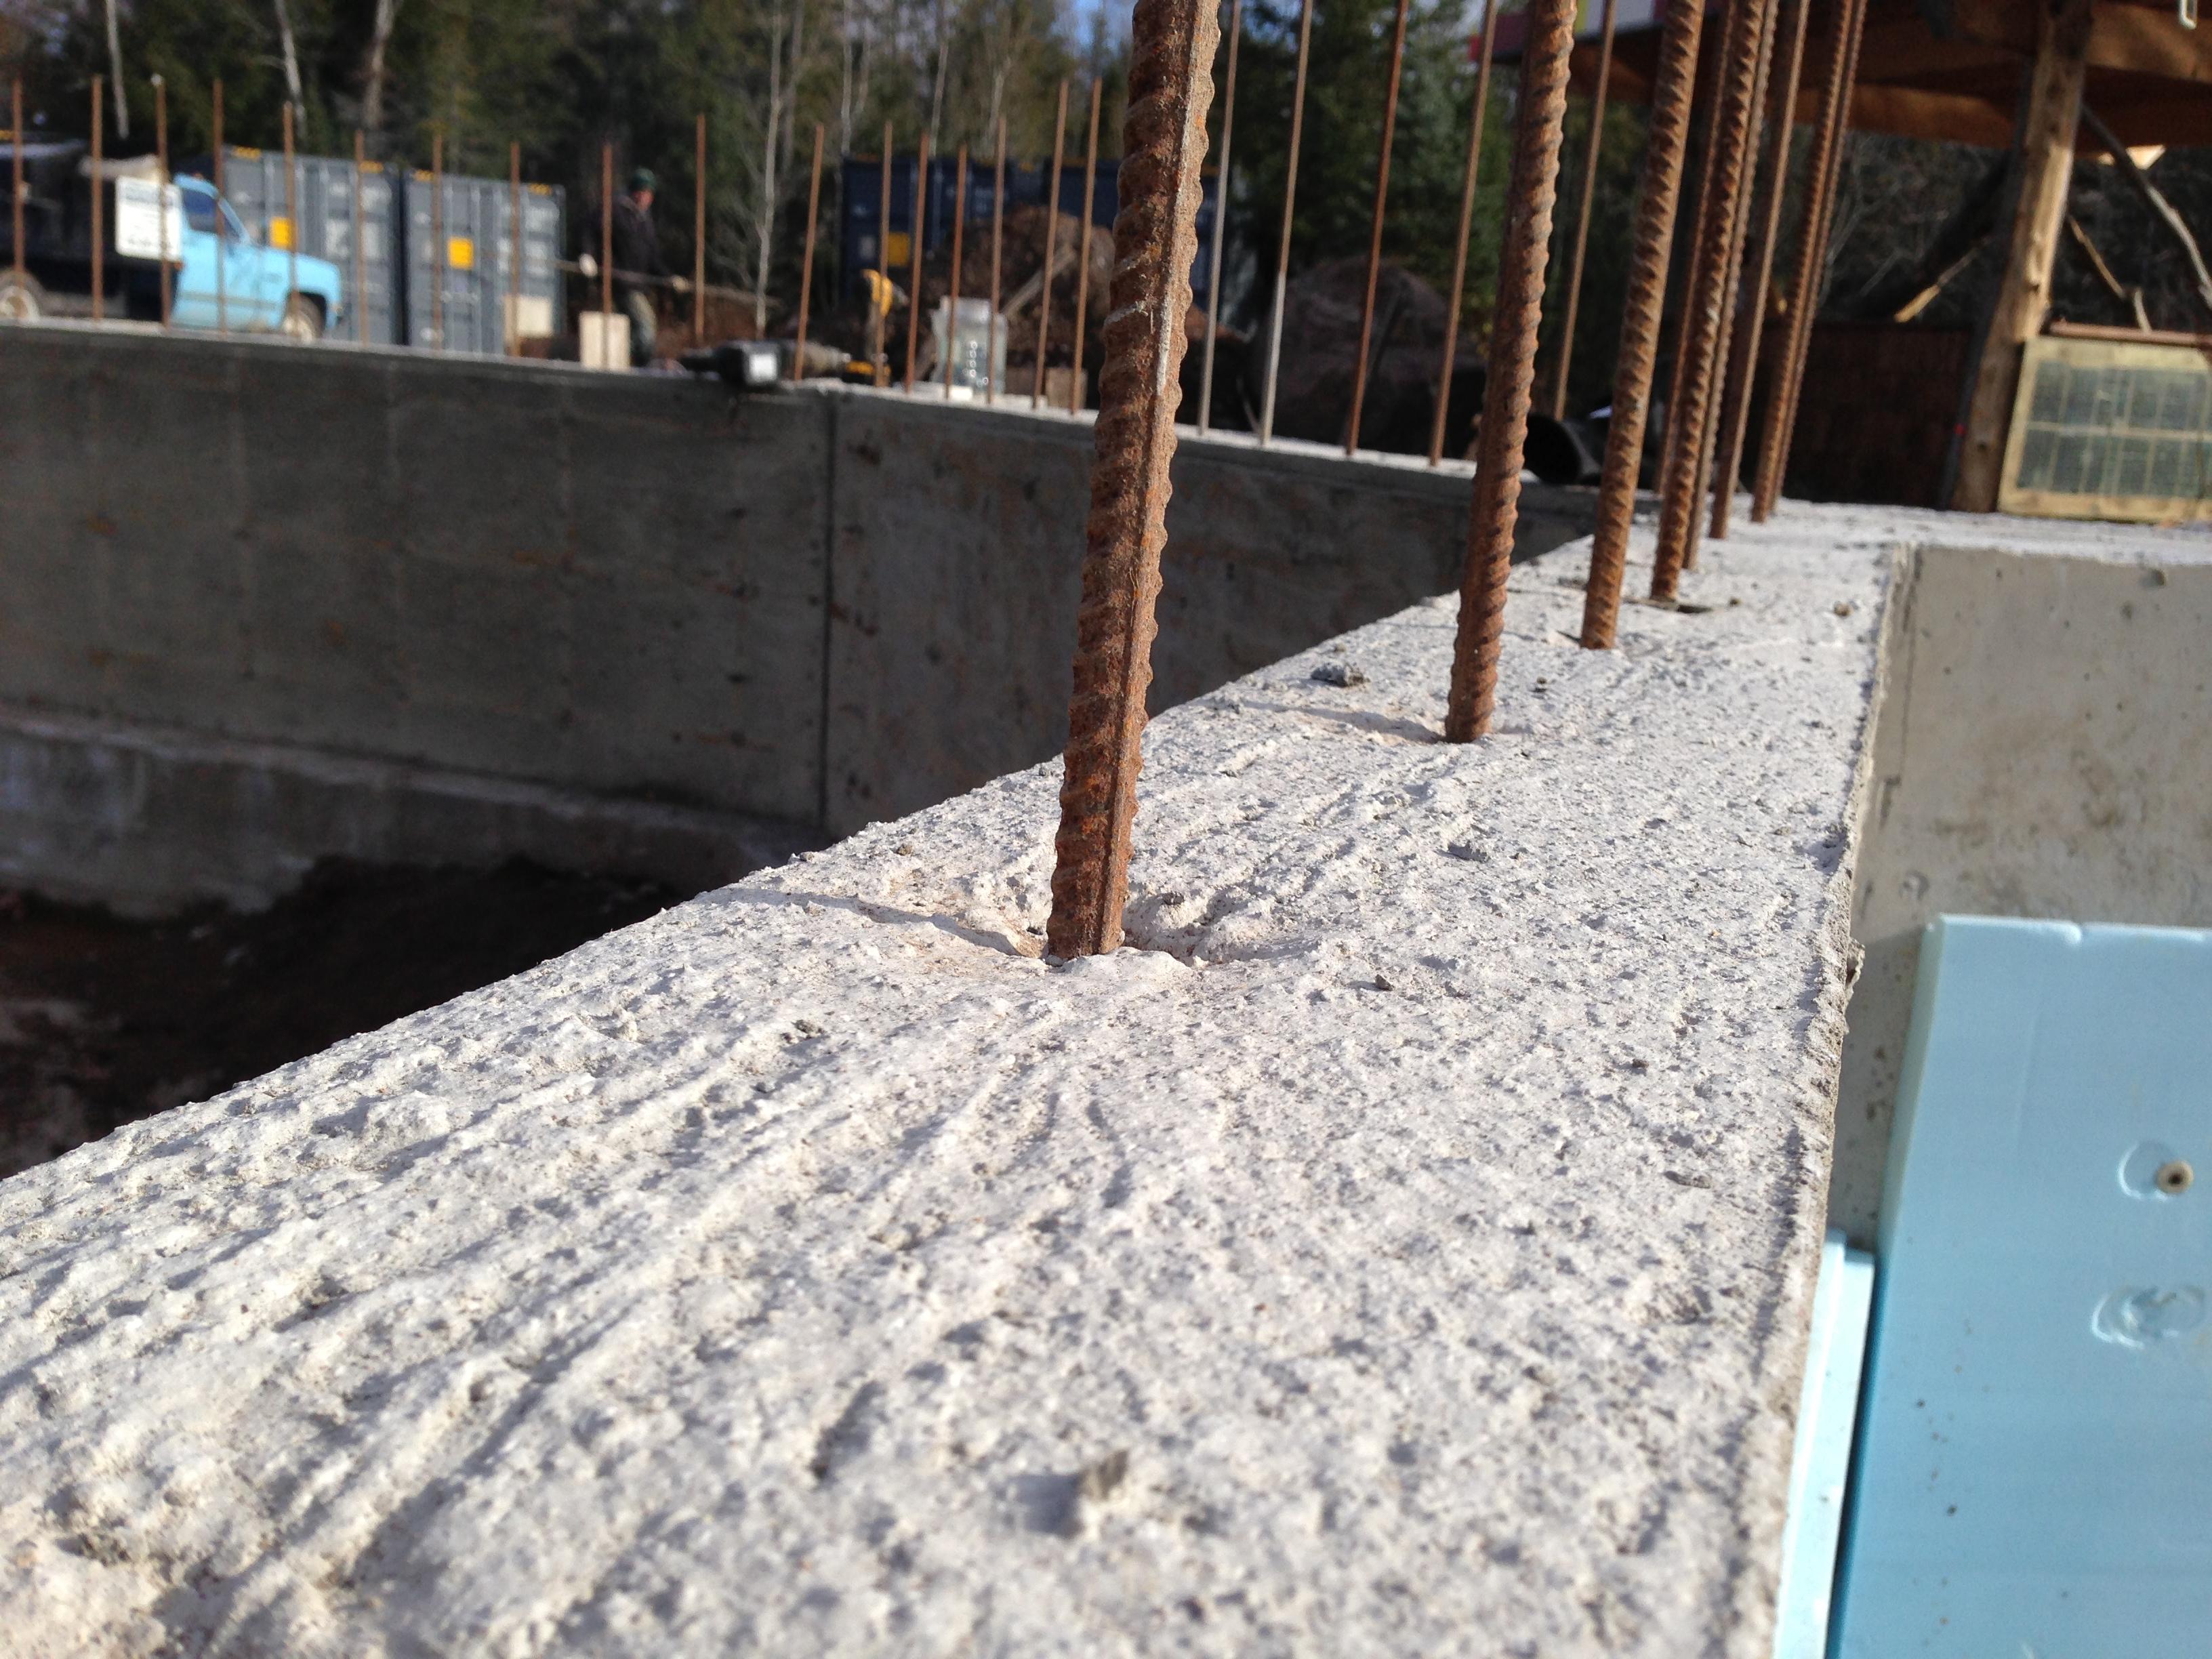 sea container cabin foundations 6 octagon floor ties